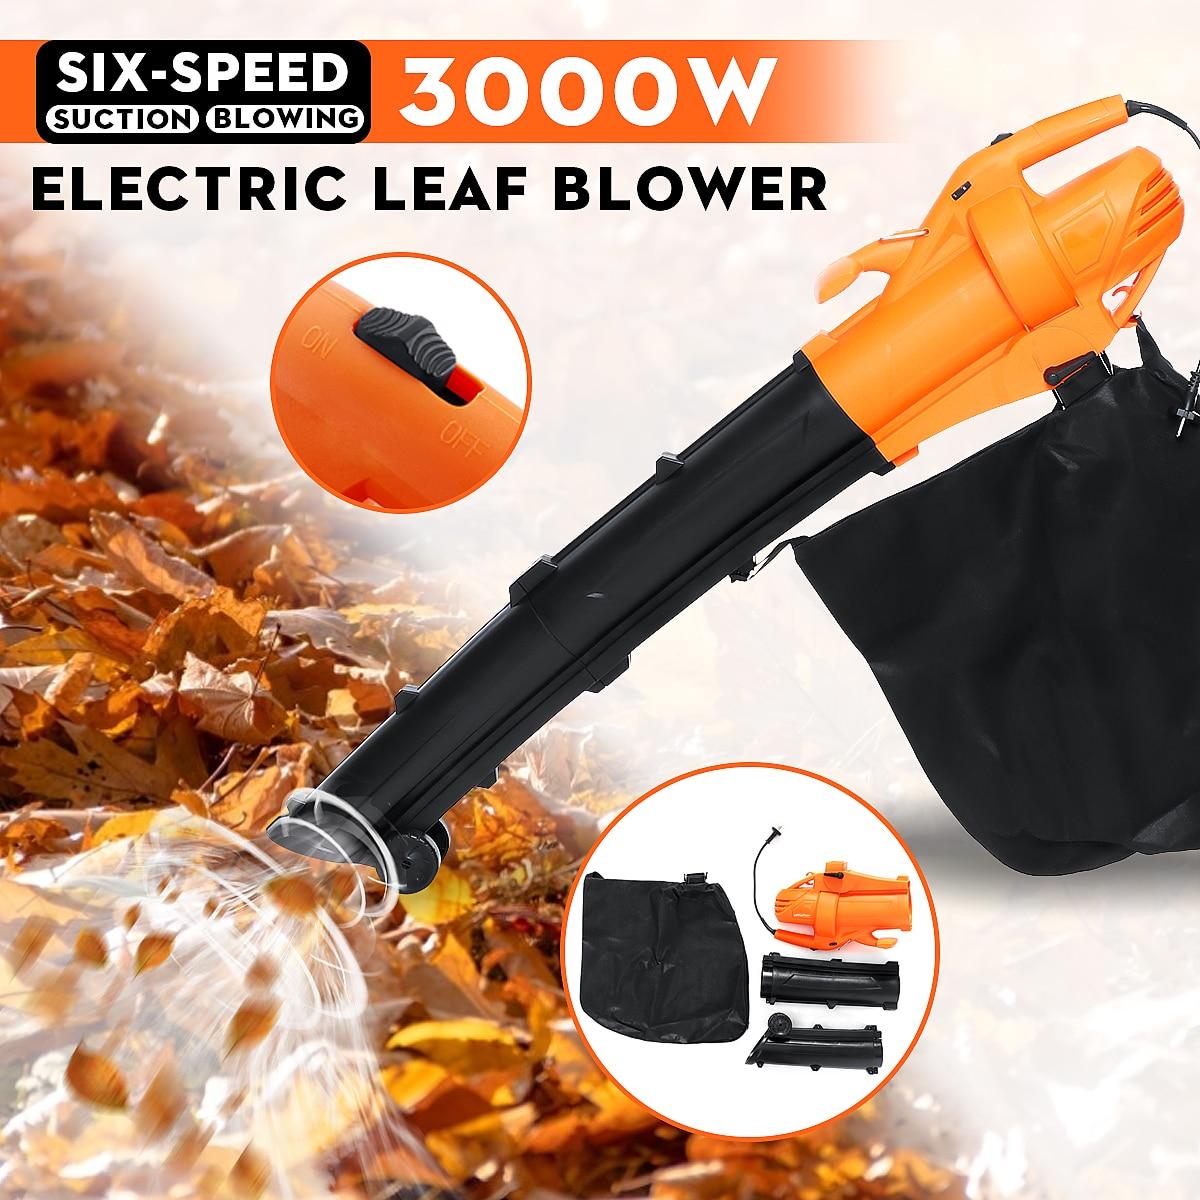 3000W feuille Pulverizer haute puissance 6 vitesse contrôle soufflant double usage électrique souffleur avec 30L grande capacité sac de rangement jardin